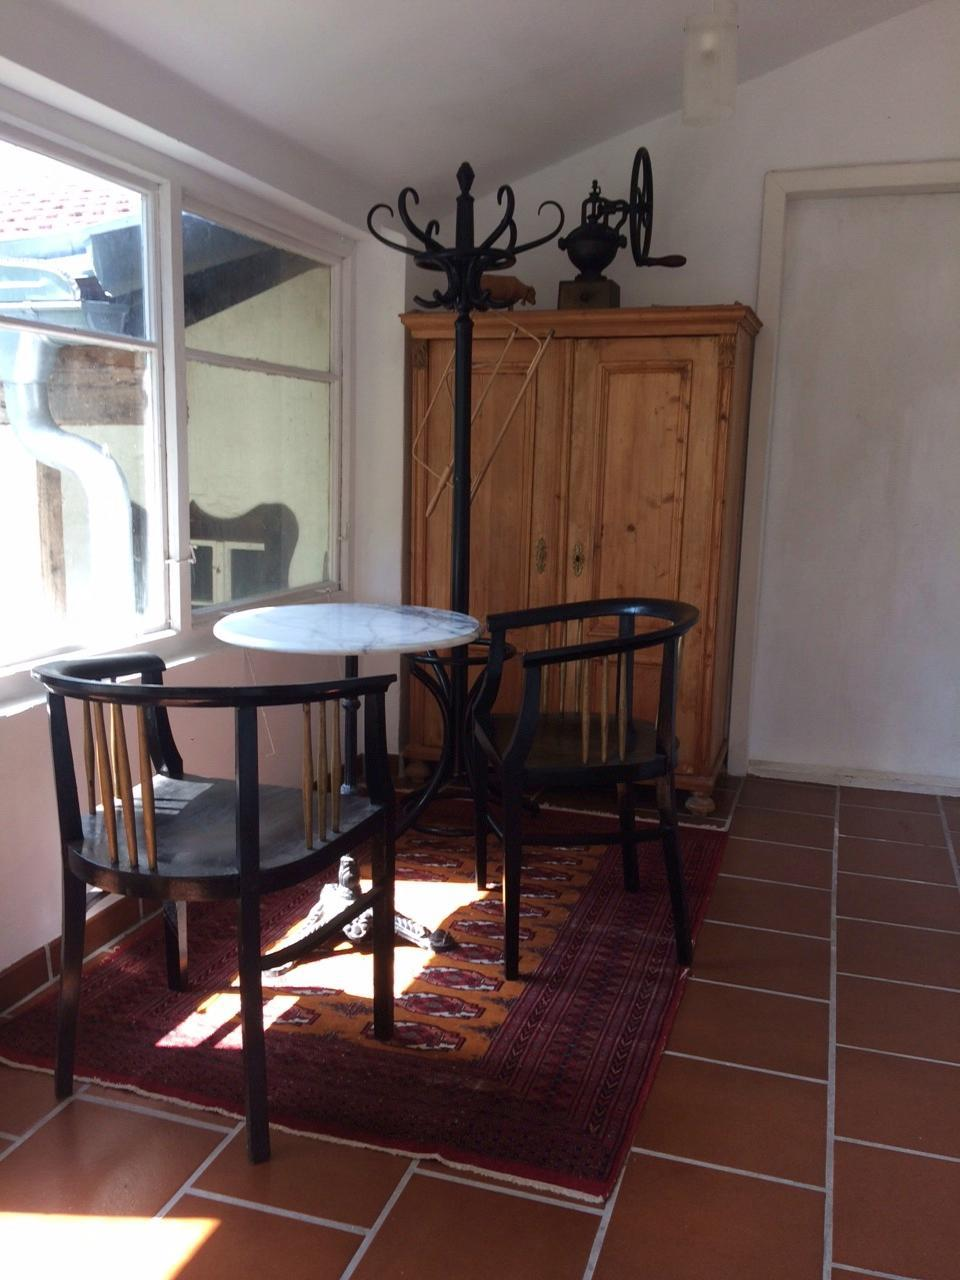 Maison de vacances Hauskirchen 30 Minuten vor Wien (2423579), Hauskirchen, Weinviertel, Basse Autriche, Autriche, image 9